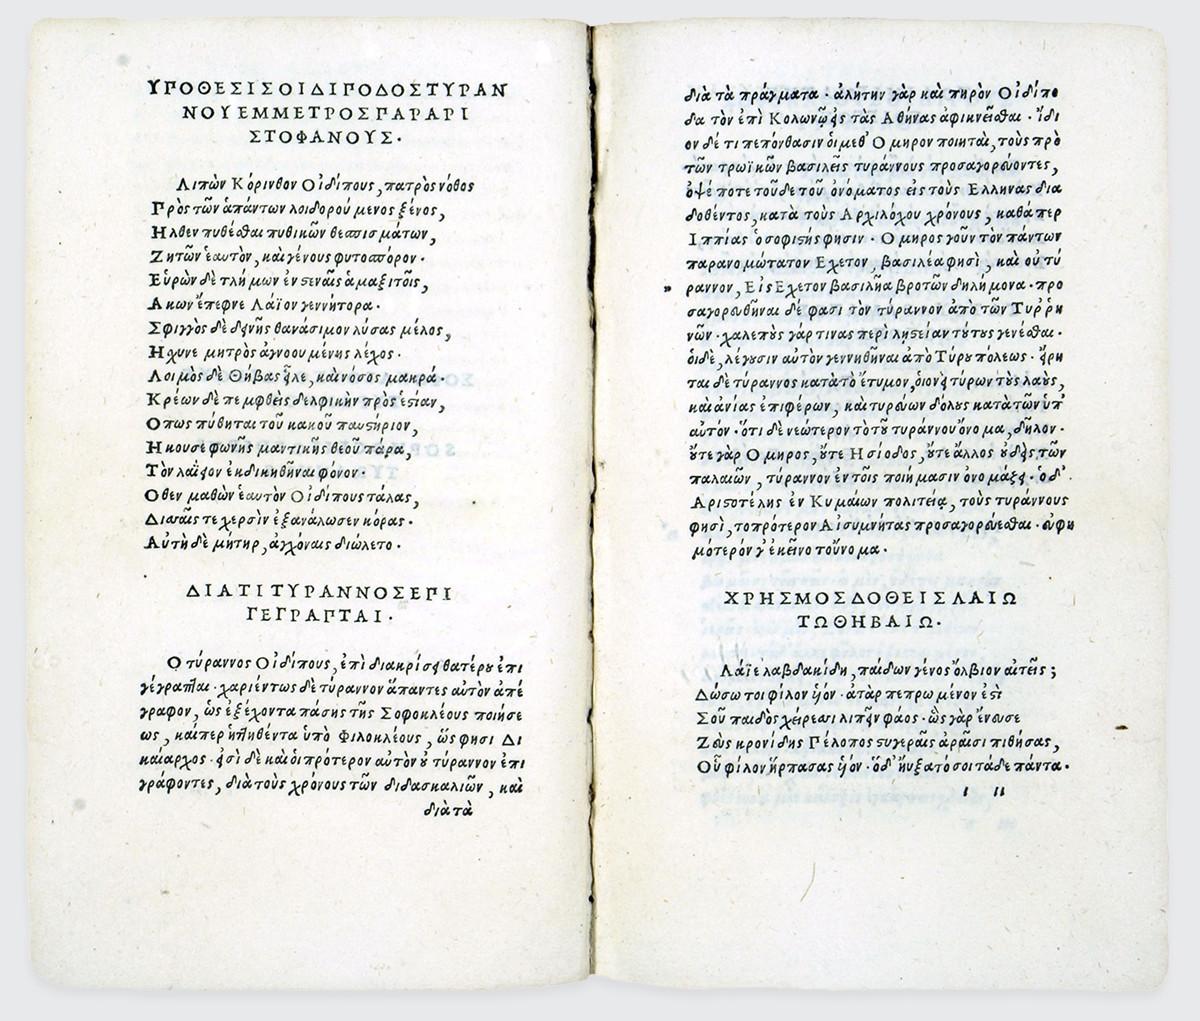 sofocle-1502-manuzio